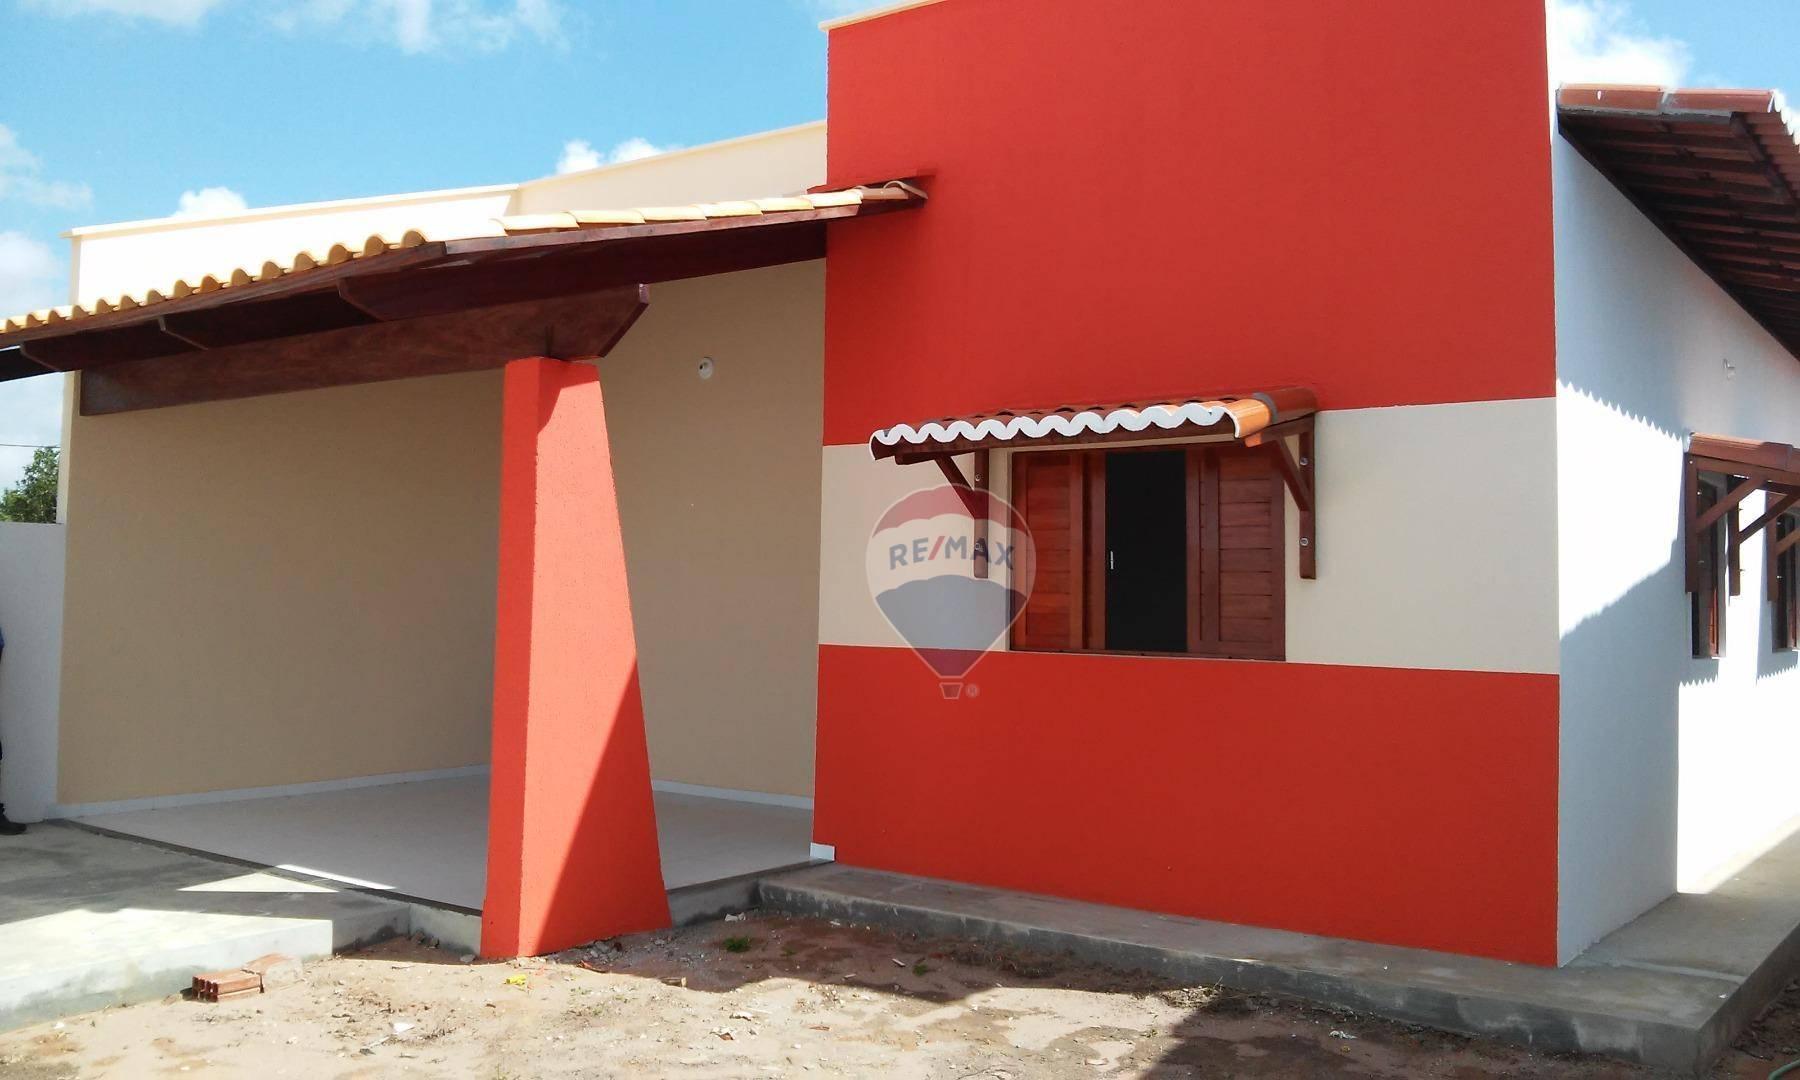 Casa com 2 dormitórios por R$ 105.000 - Taborda - São José de Mipibu/RN